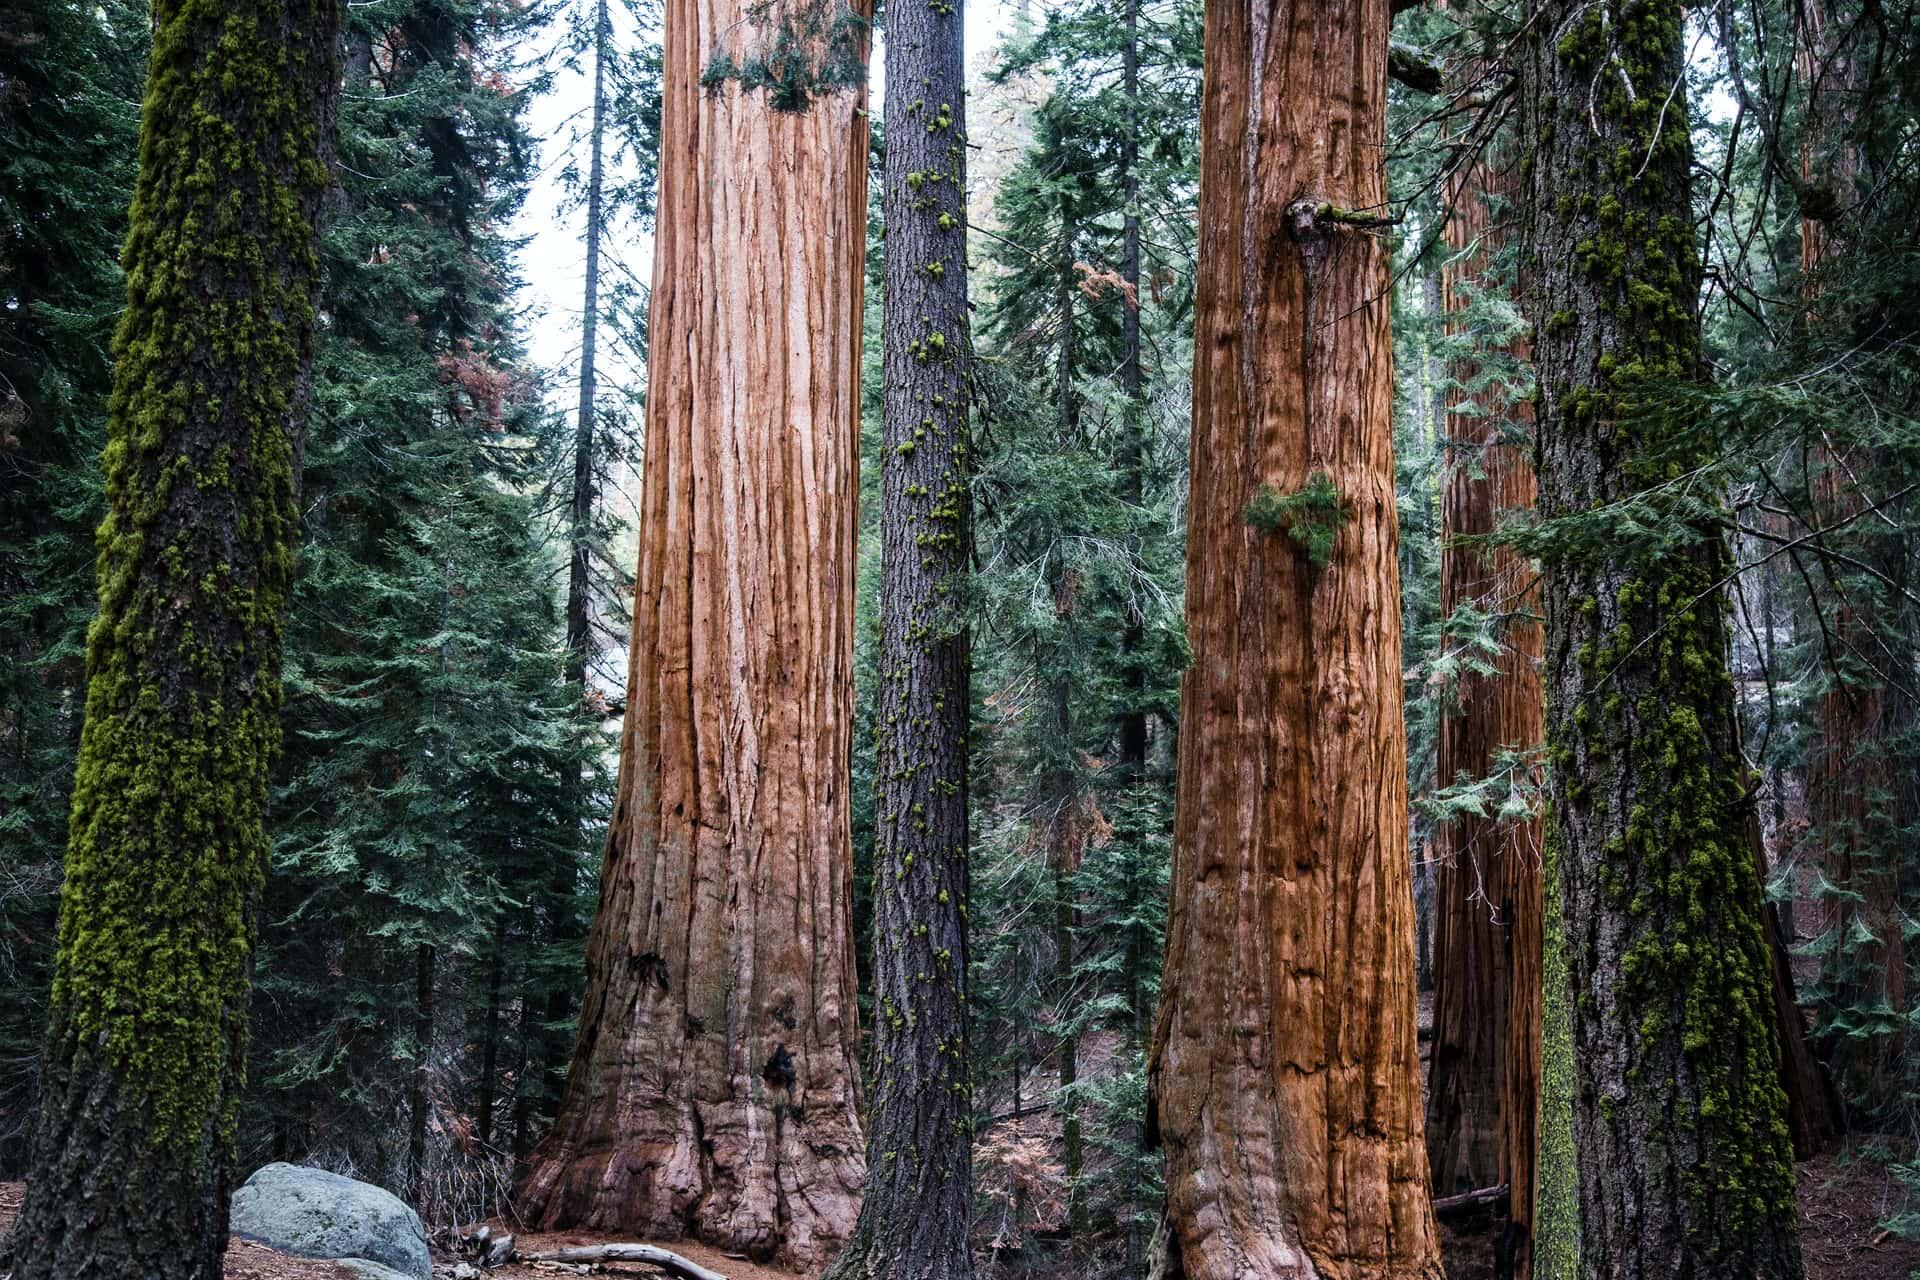 sequoia national park, california,